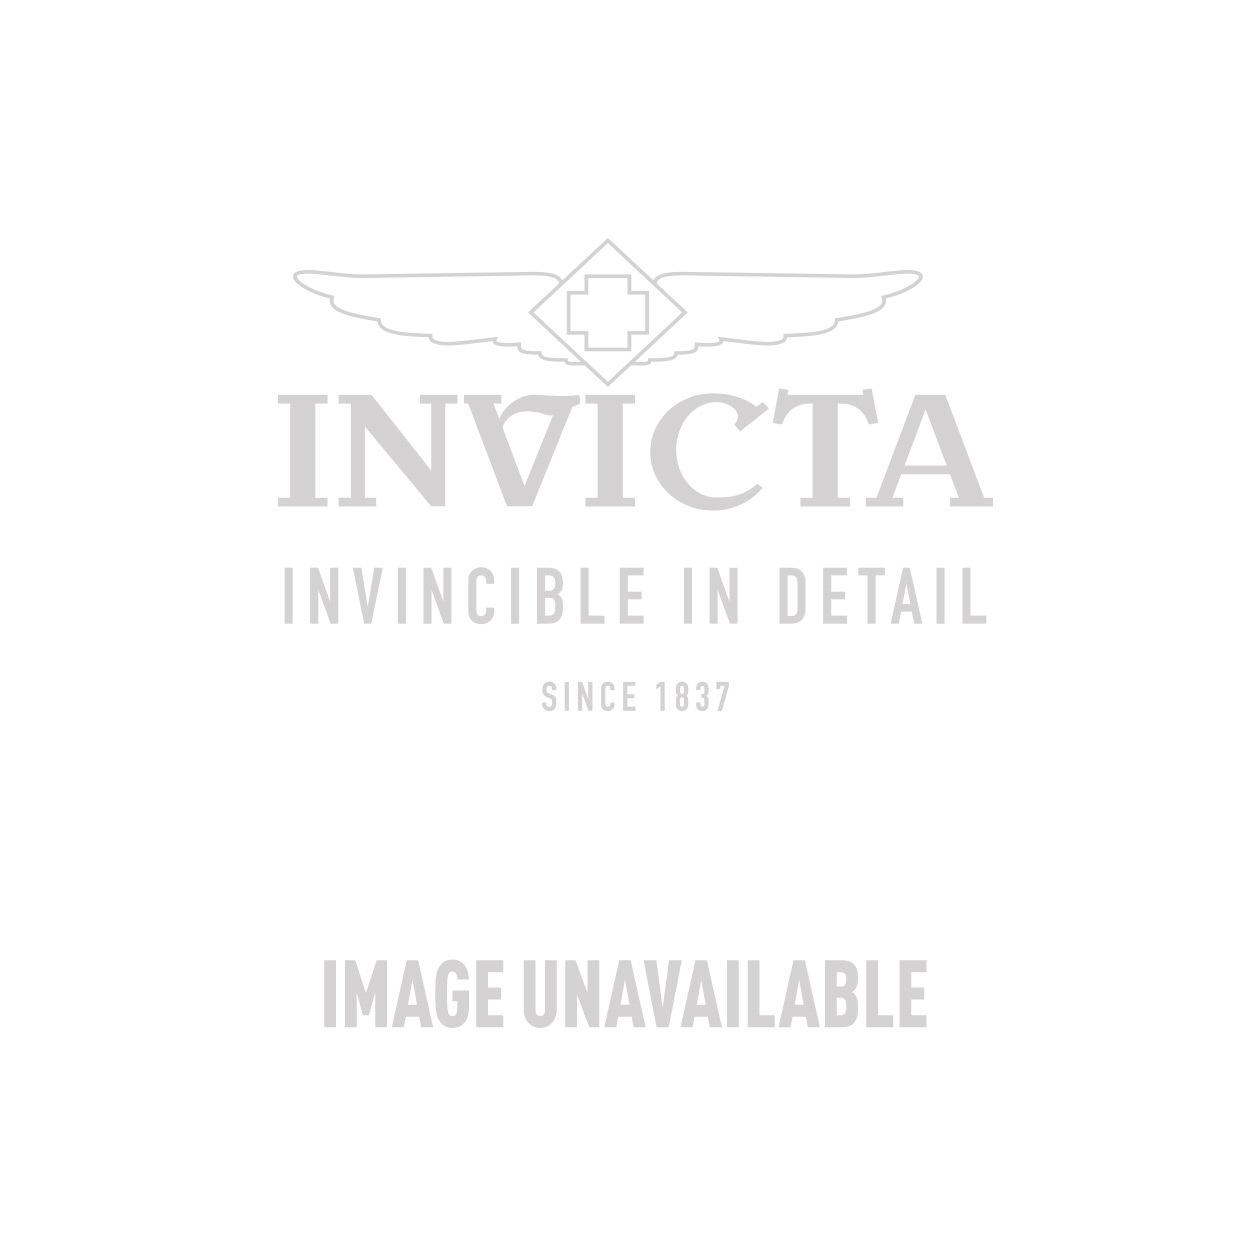 Invicta Model 25456